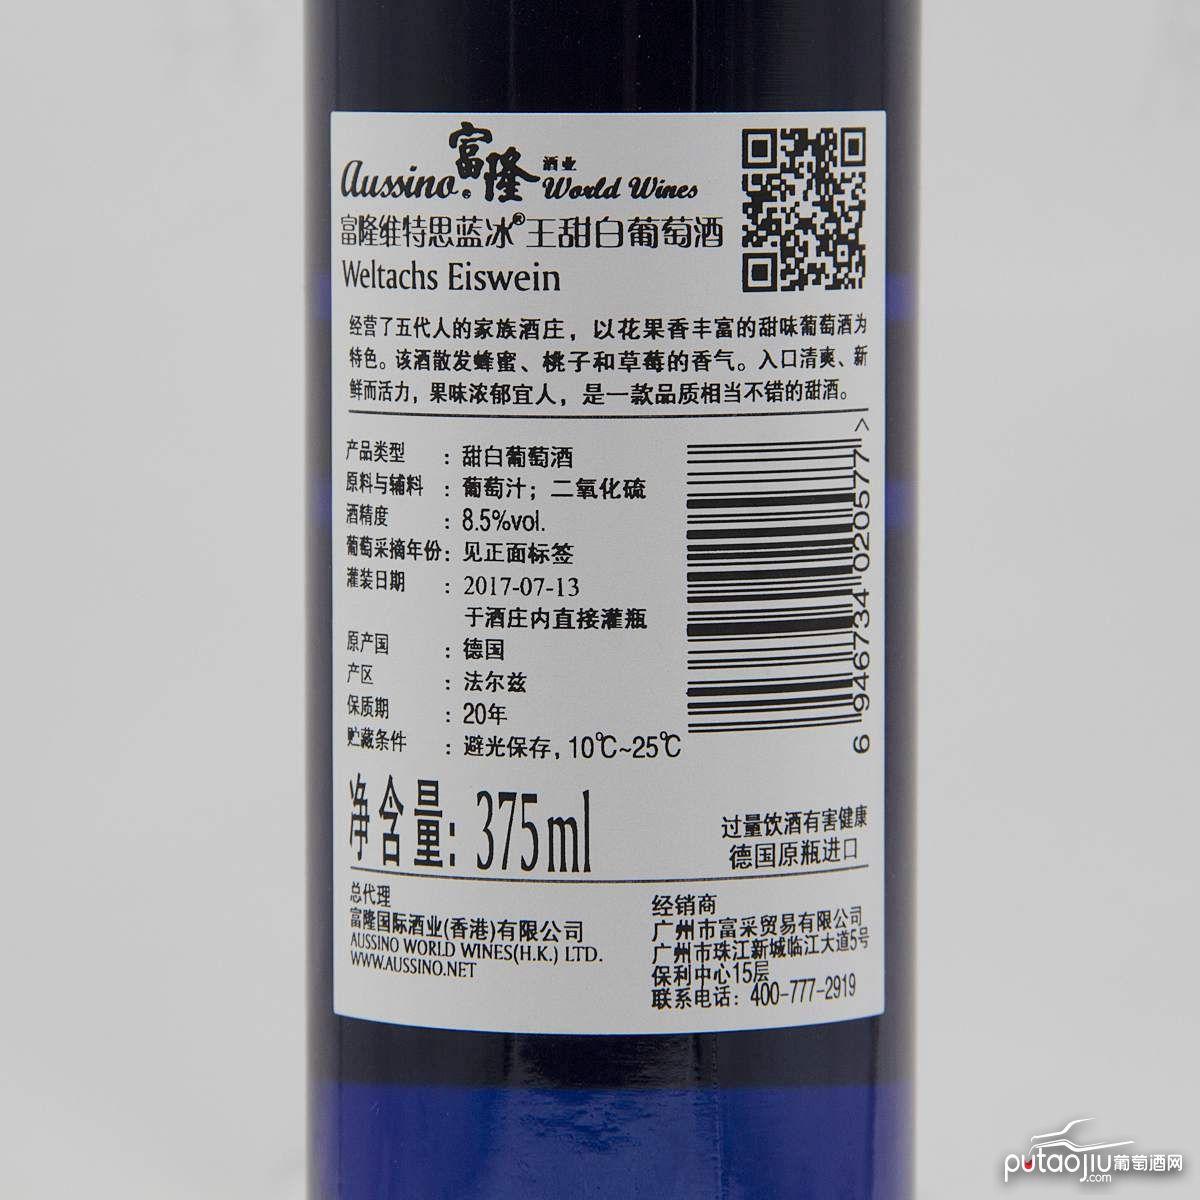 德国法尔兹维特思酒庄混酿蓝冰王甜白葡萄酒